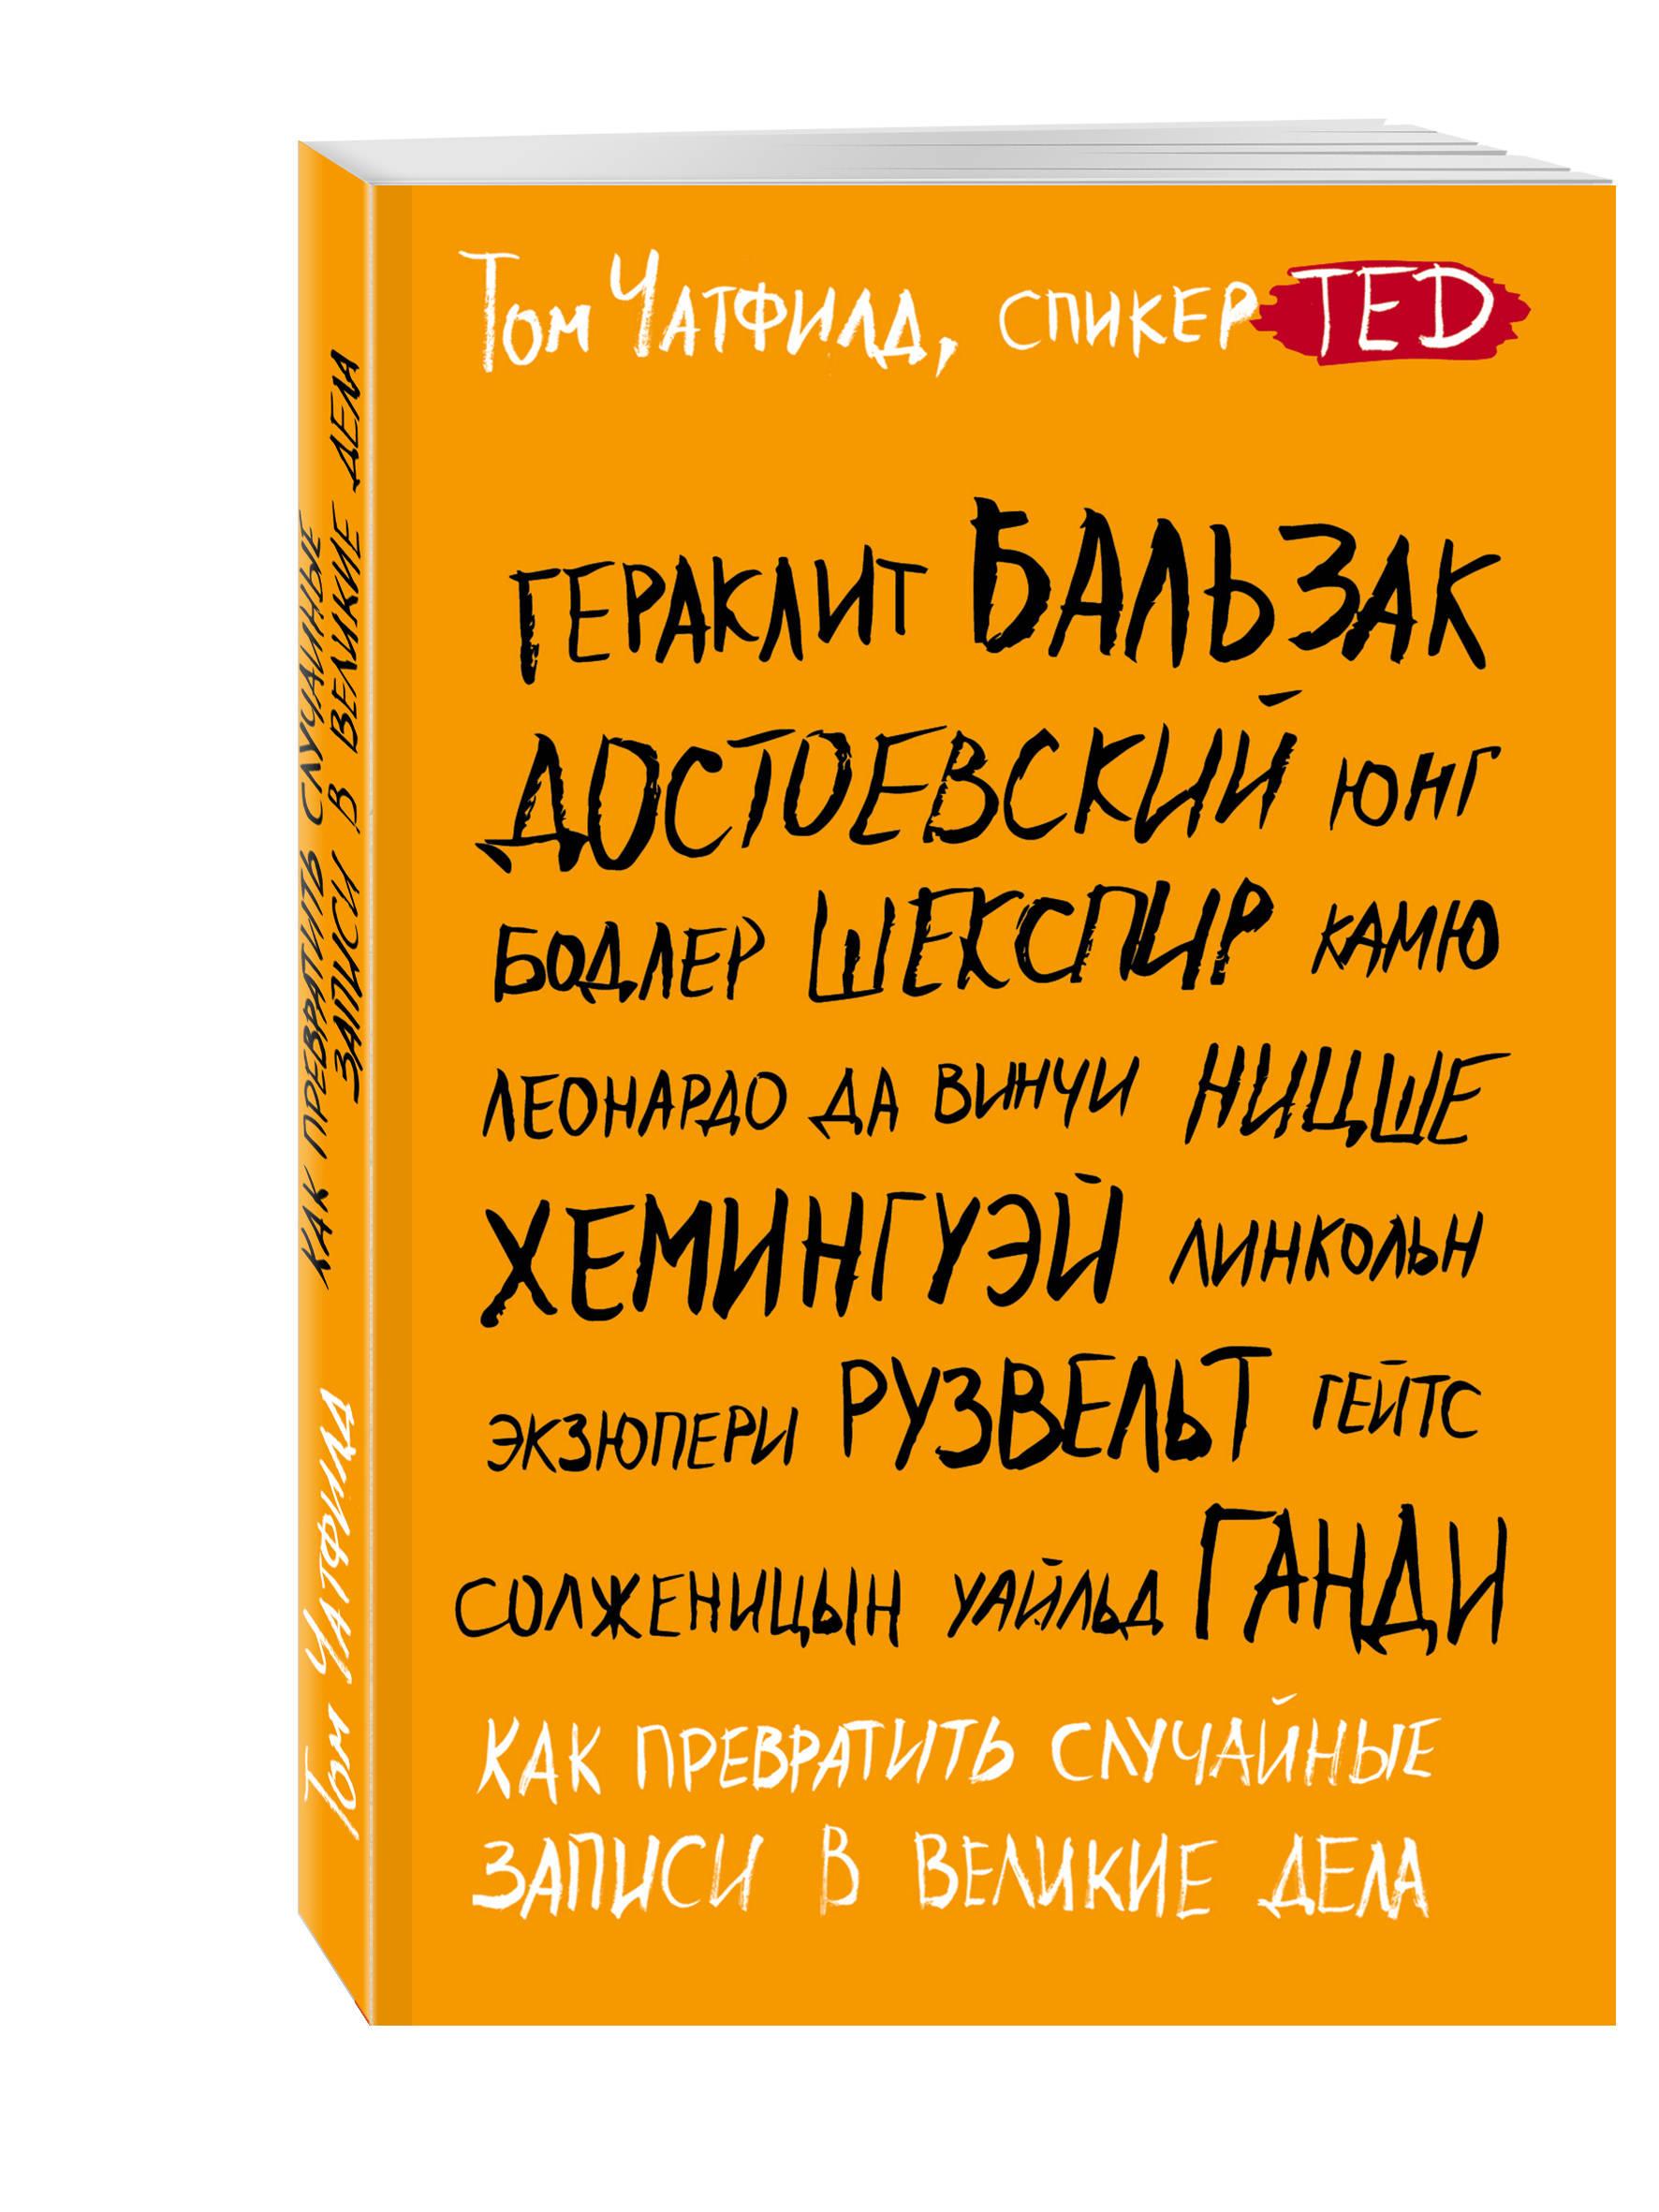 Чатфилд Т. Как превратить случайные записи в великие дела ISBN: 978-5-699-89484-0 великие имена россии